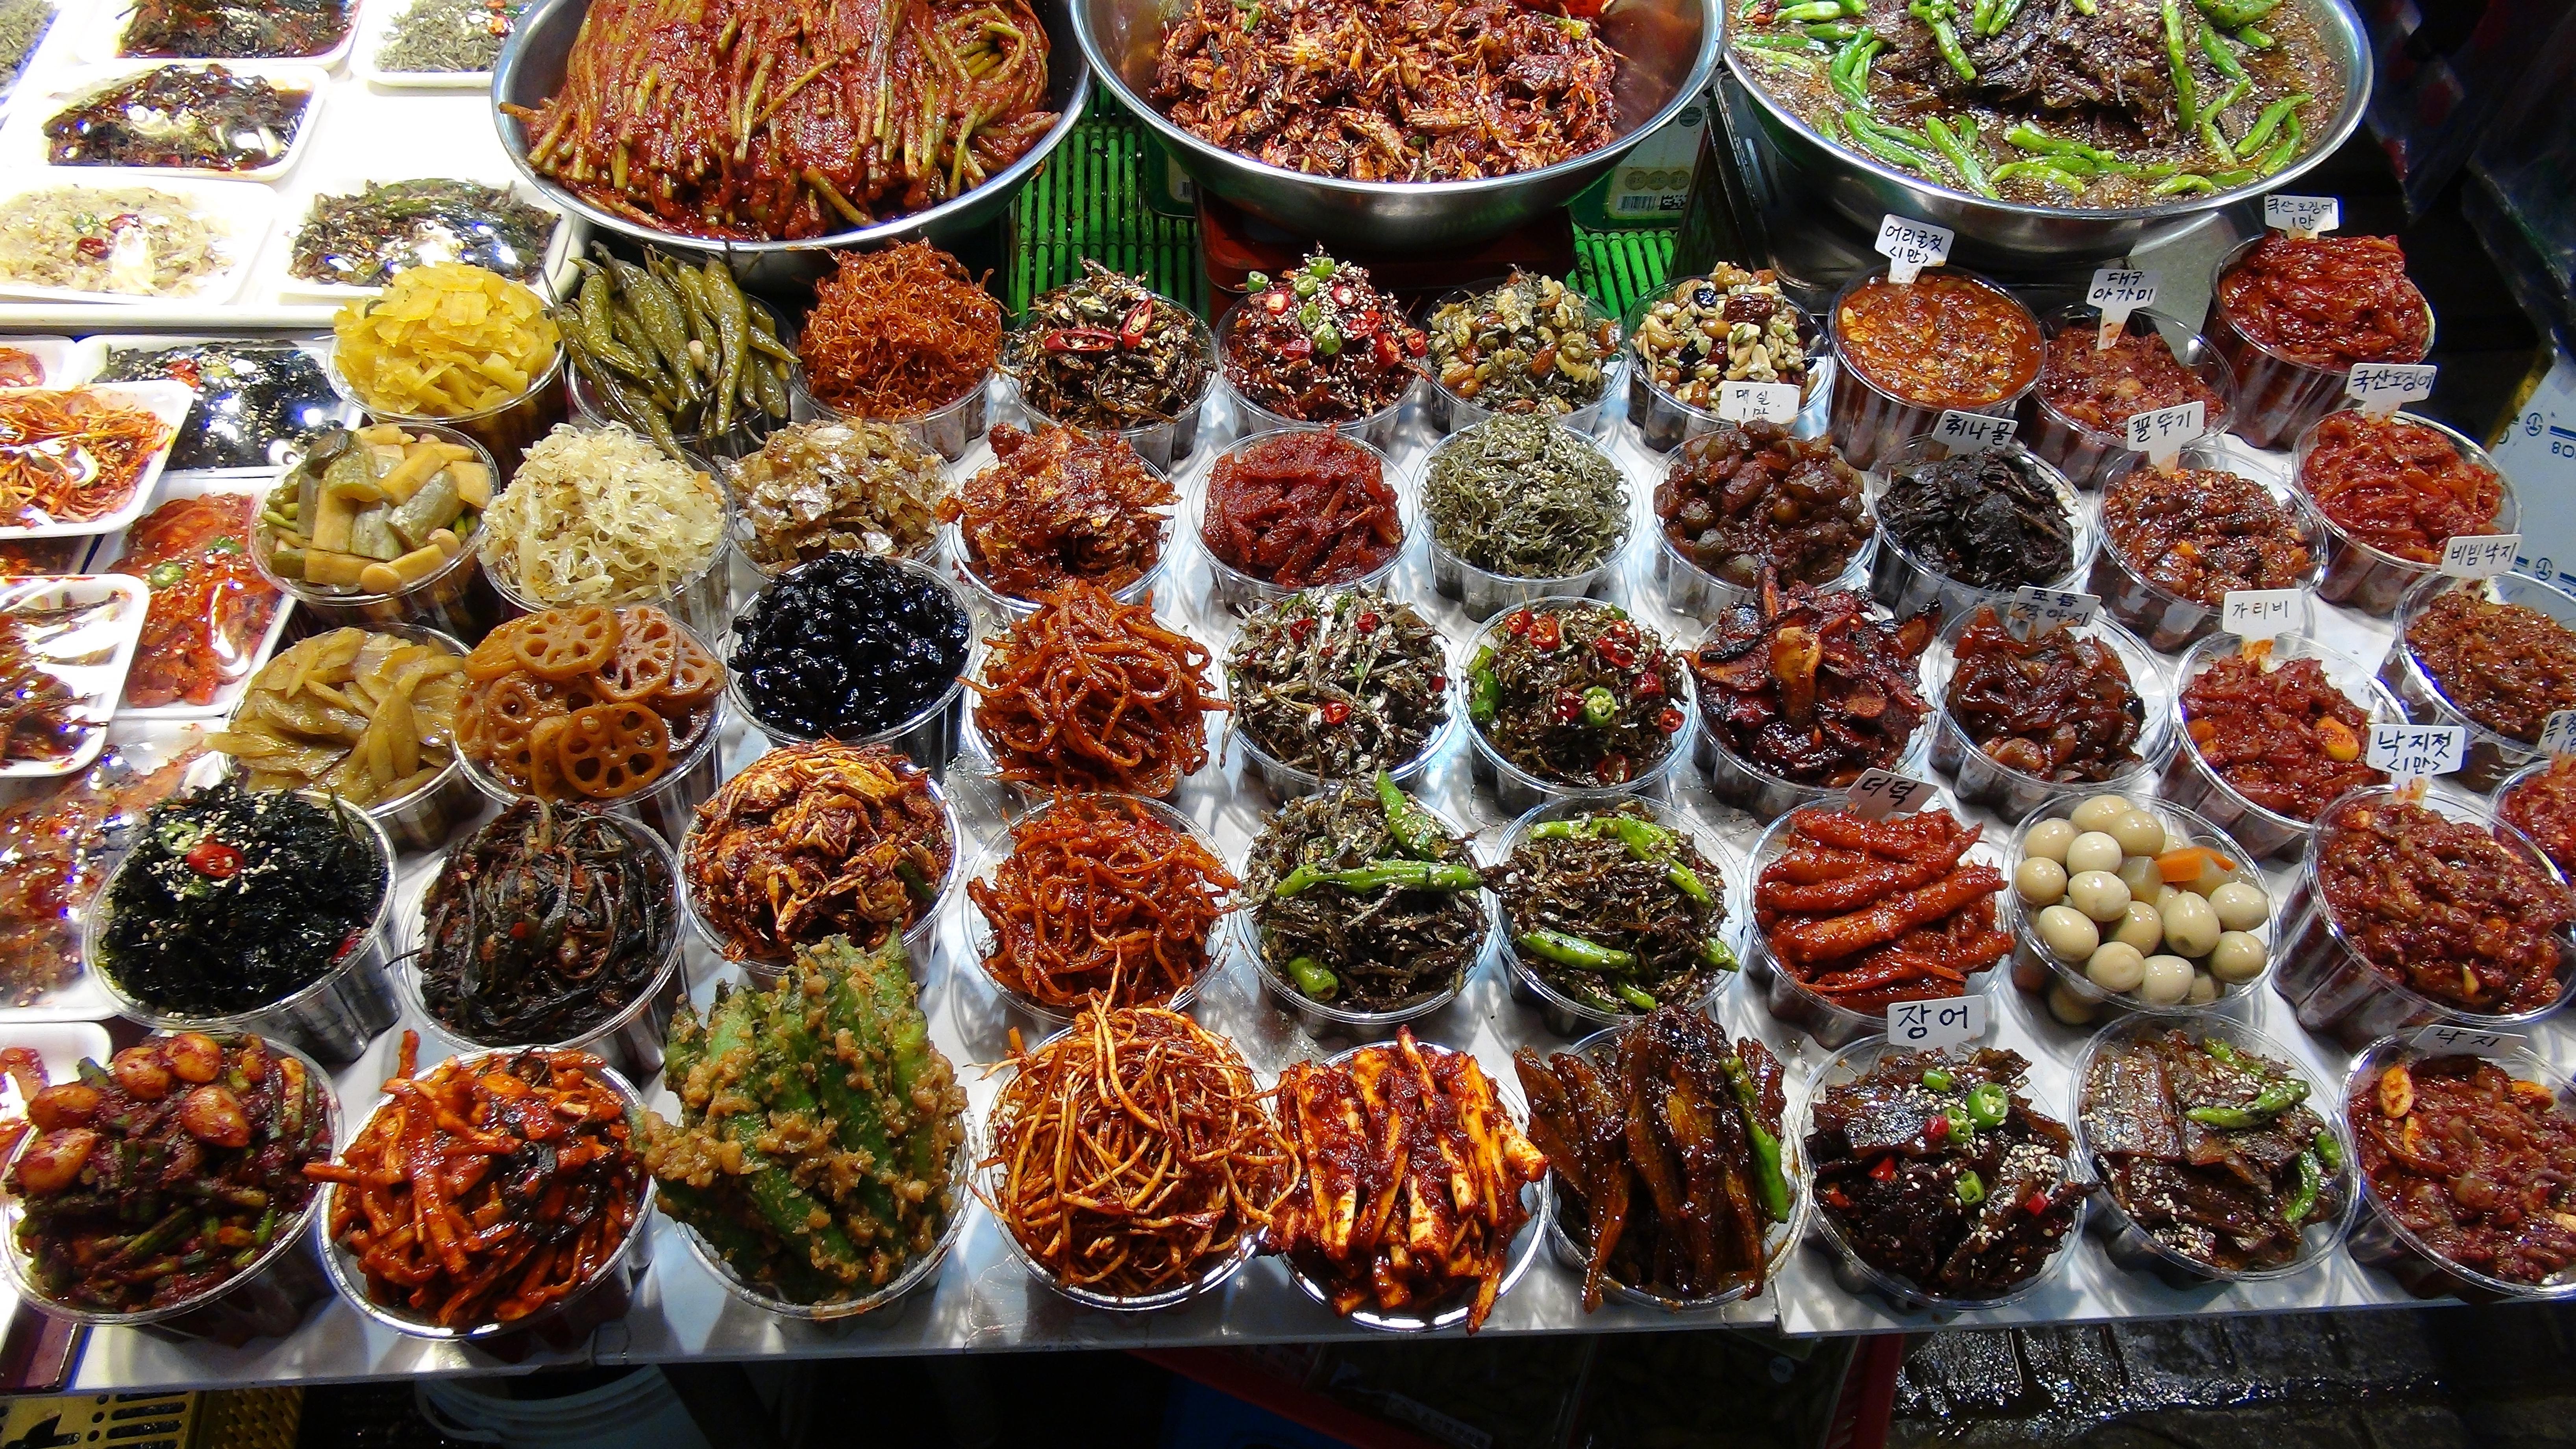 Fotos gratis : plato, Produce, bazar, mercado, carne, cocina, buffet ...